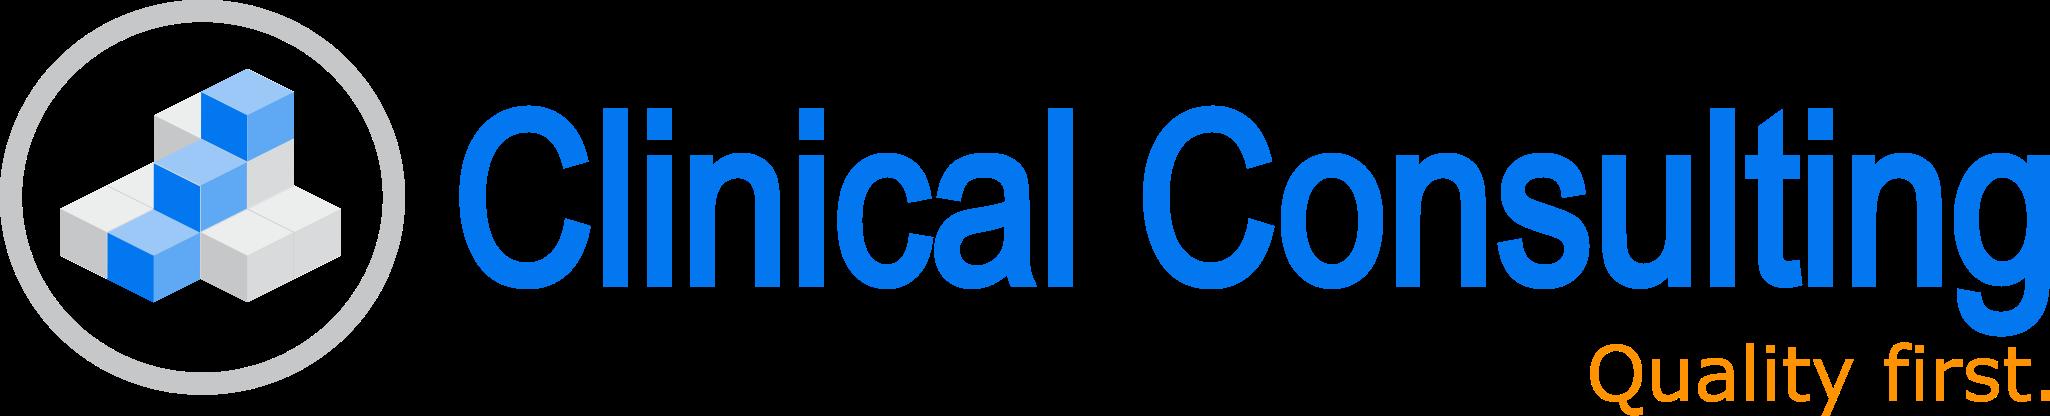 CC Logo a1 12Apr2017